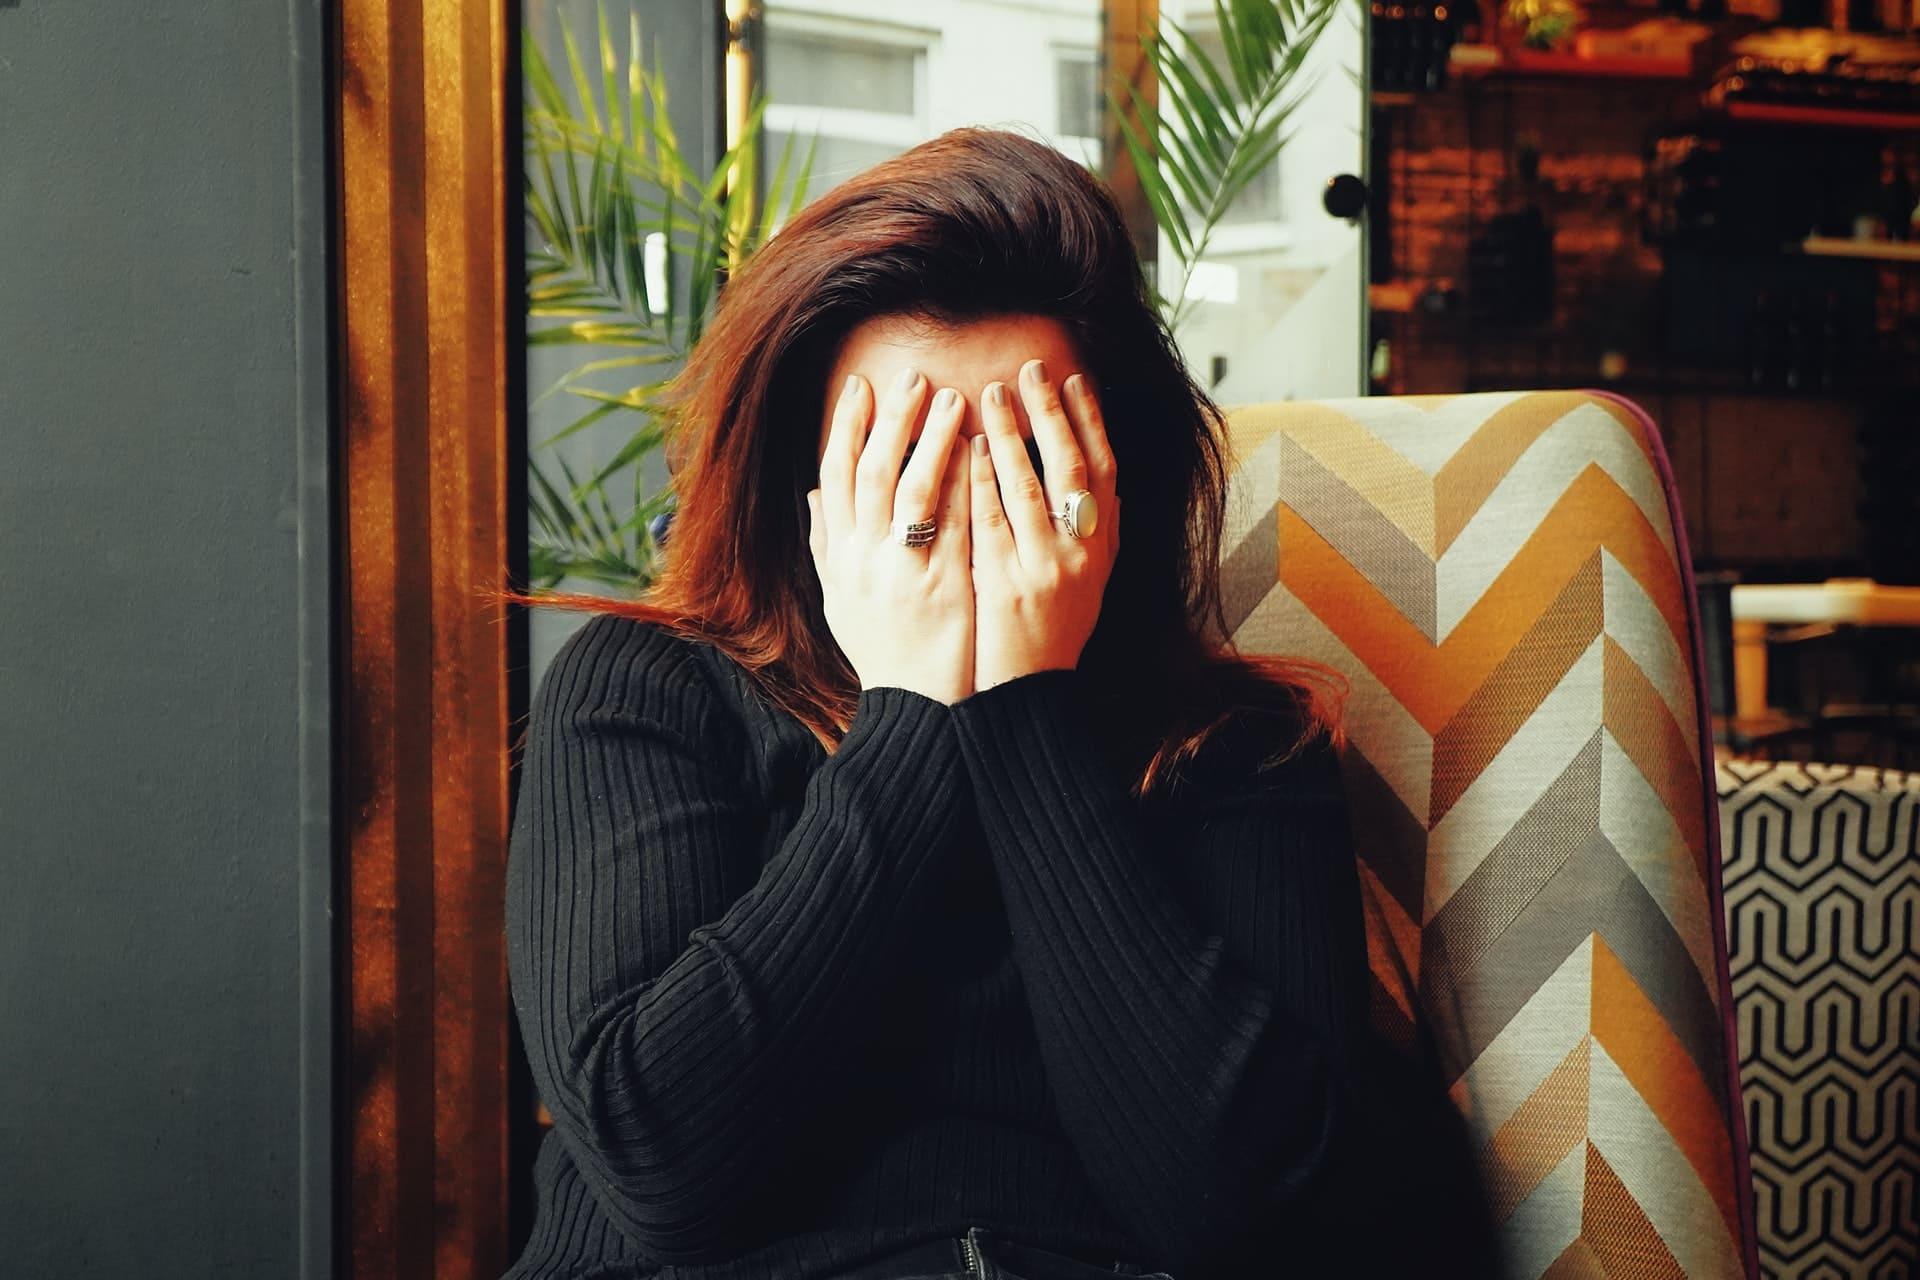 Titelbild: Frau muss weinen ohne Grund